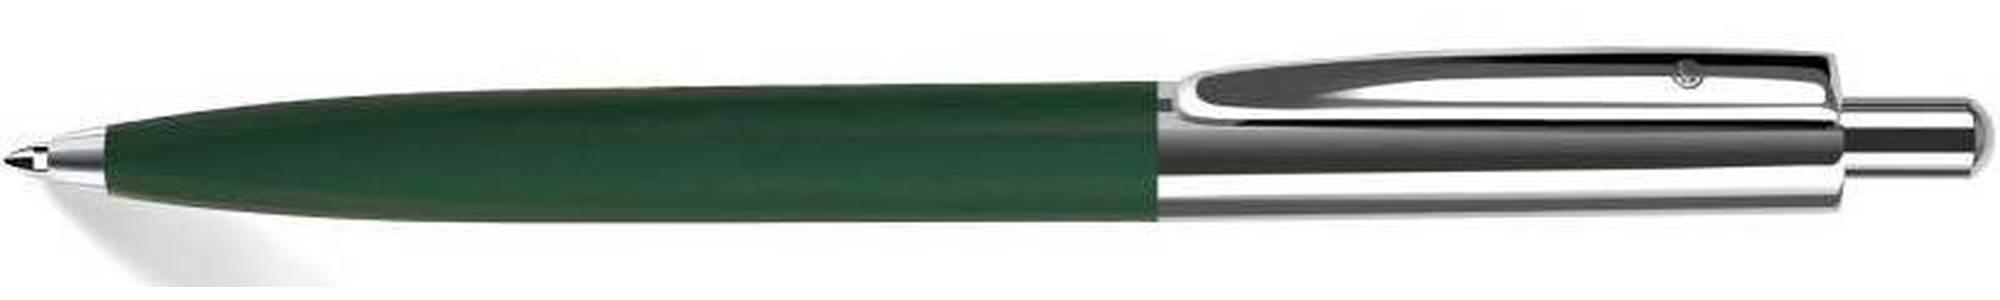 Długopis Lecce Pen – 1330